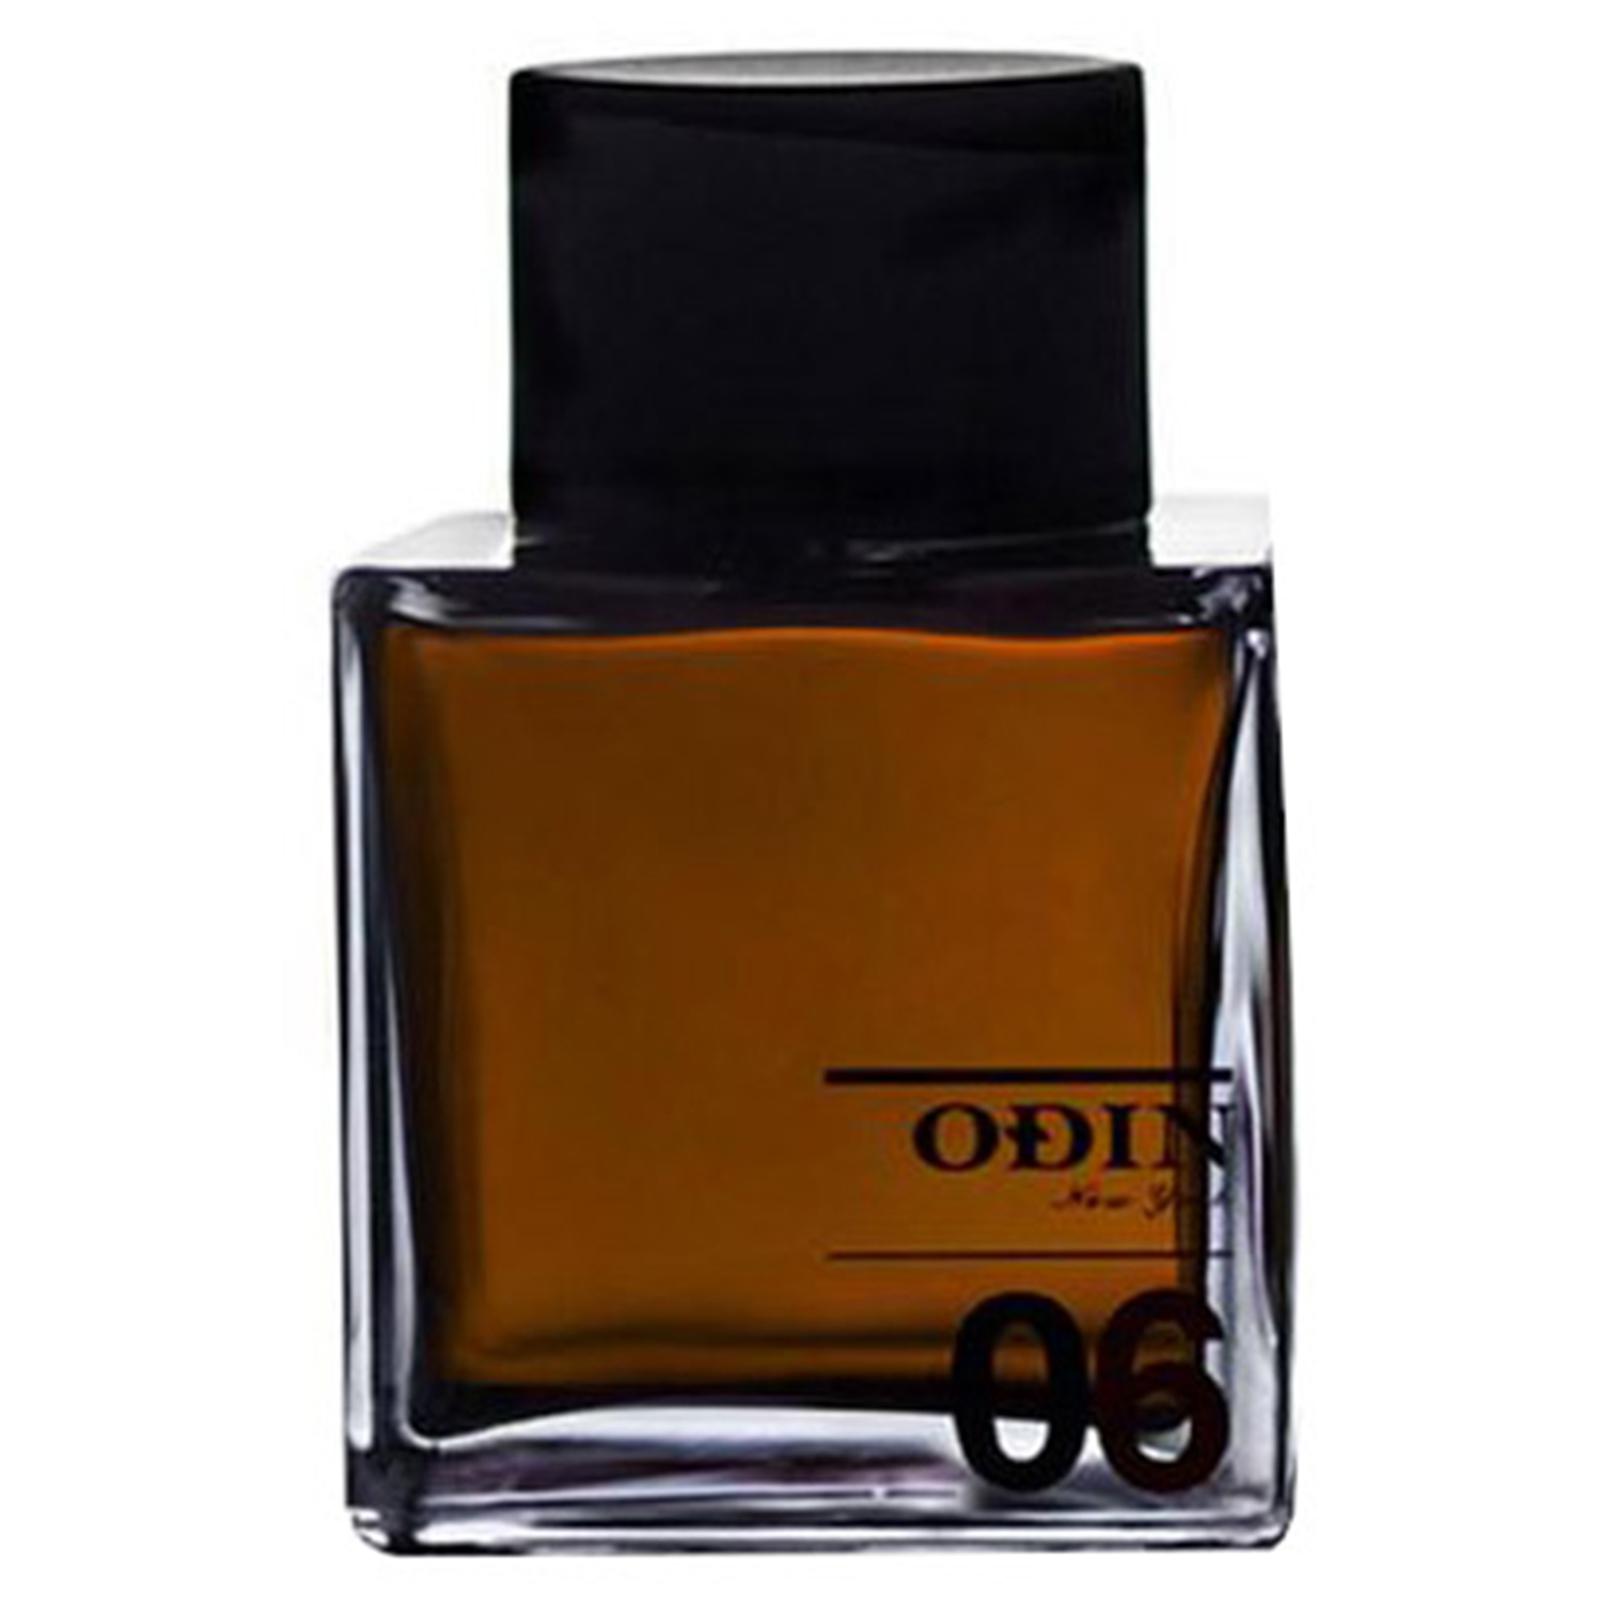 06 amanu profumo eau de parfum 100 ml